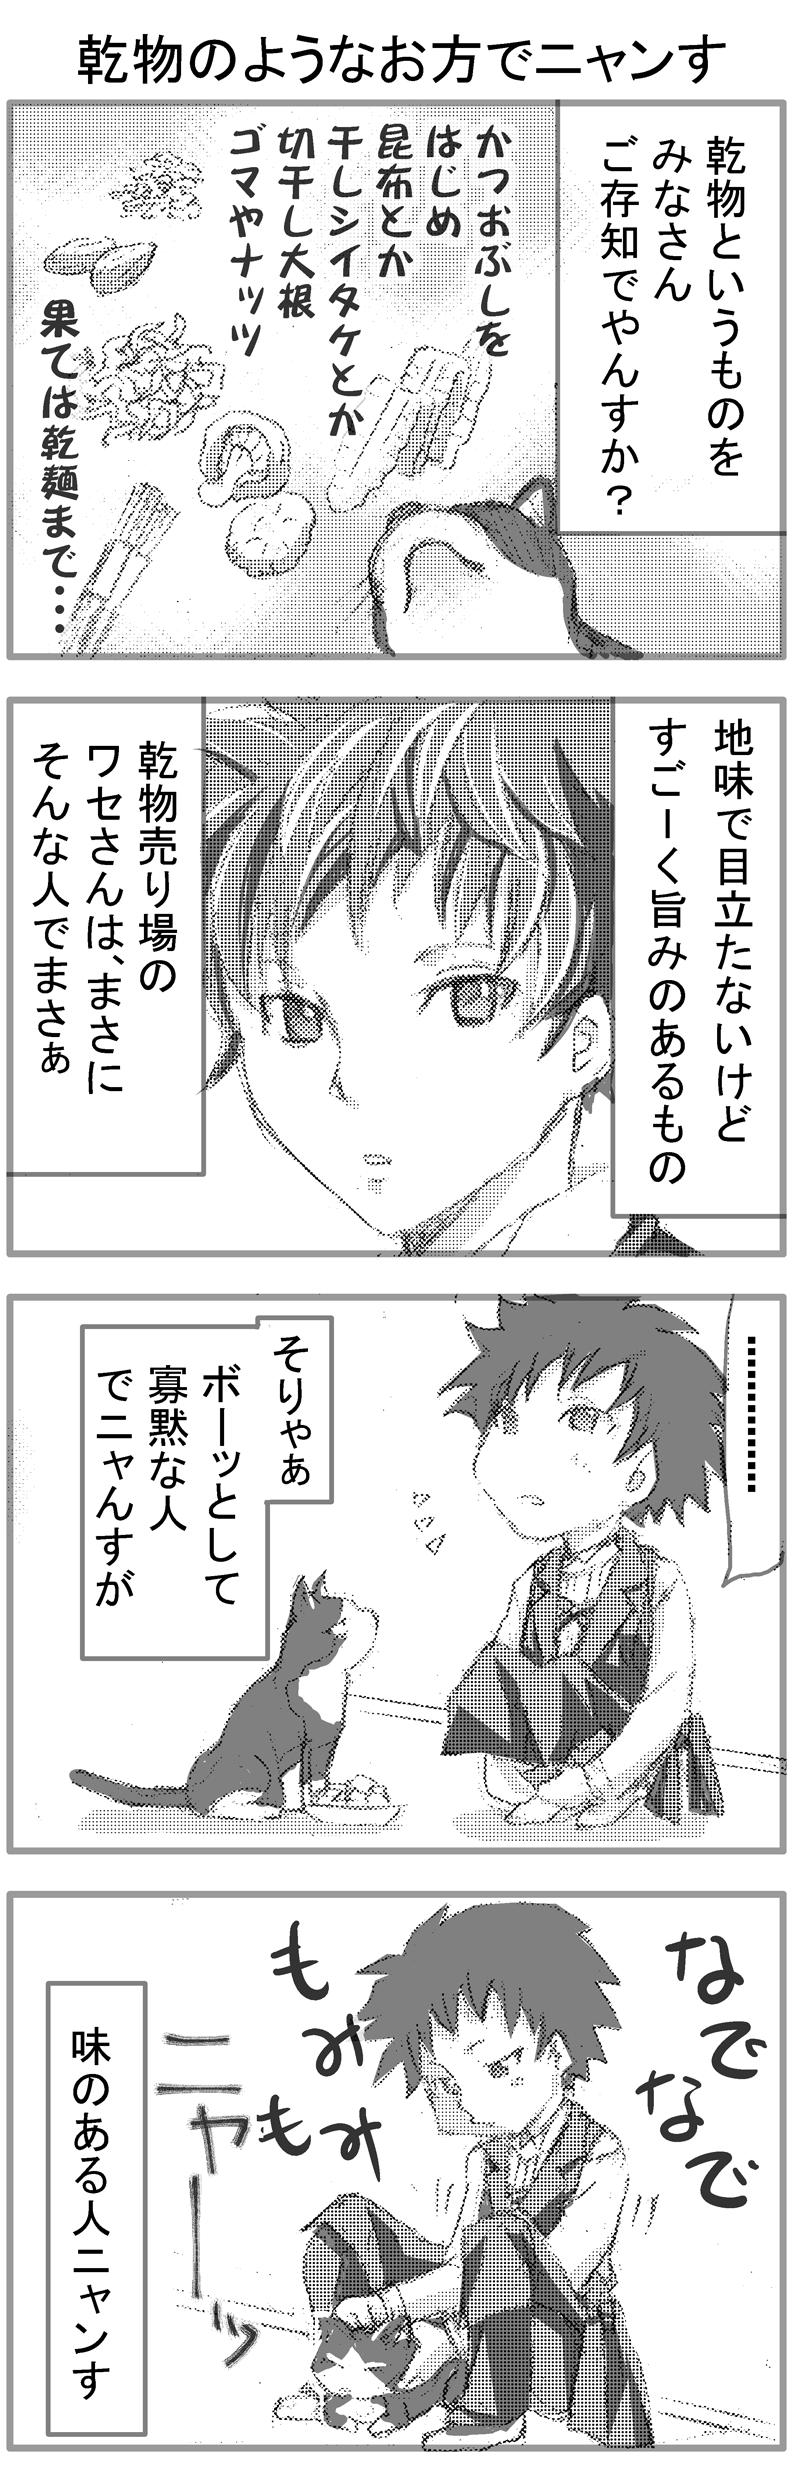 イケメンスーパー03-1